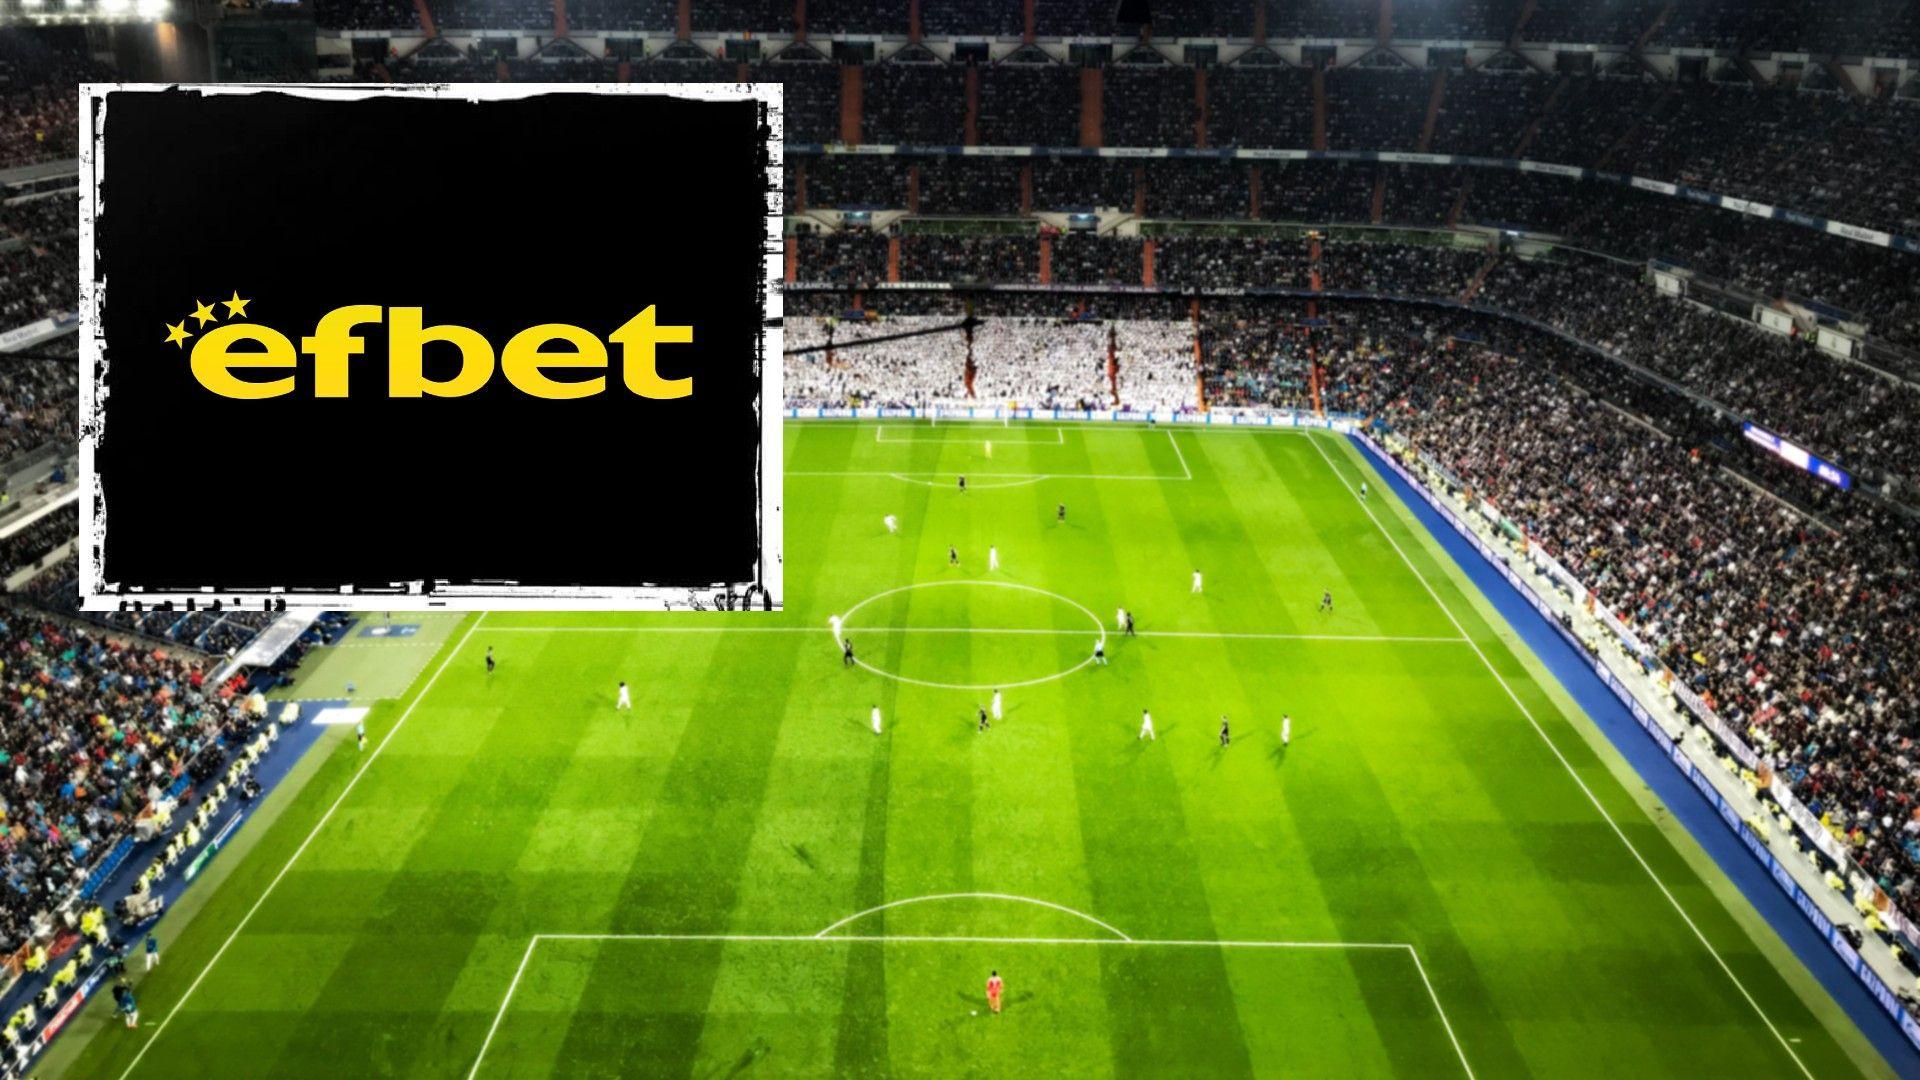 Efirbet: efbet е първият български букмейкър, стъпил на испанския пазар